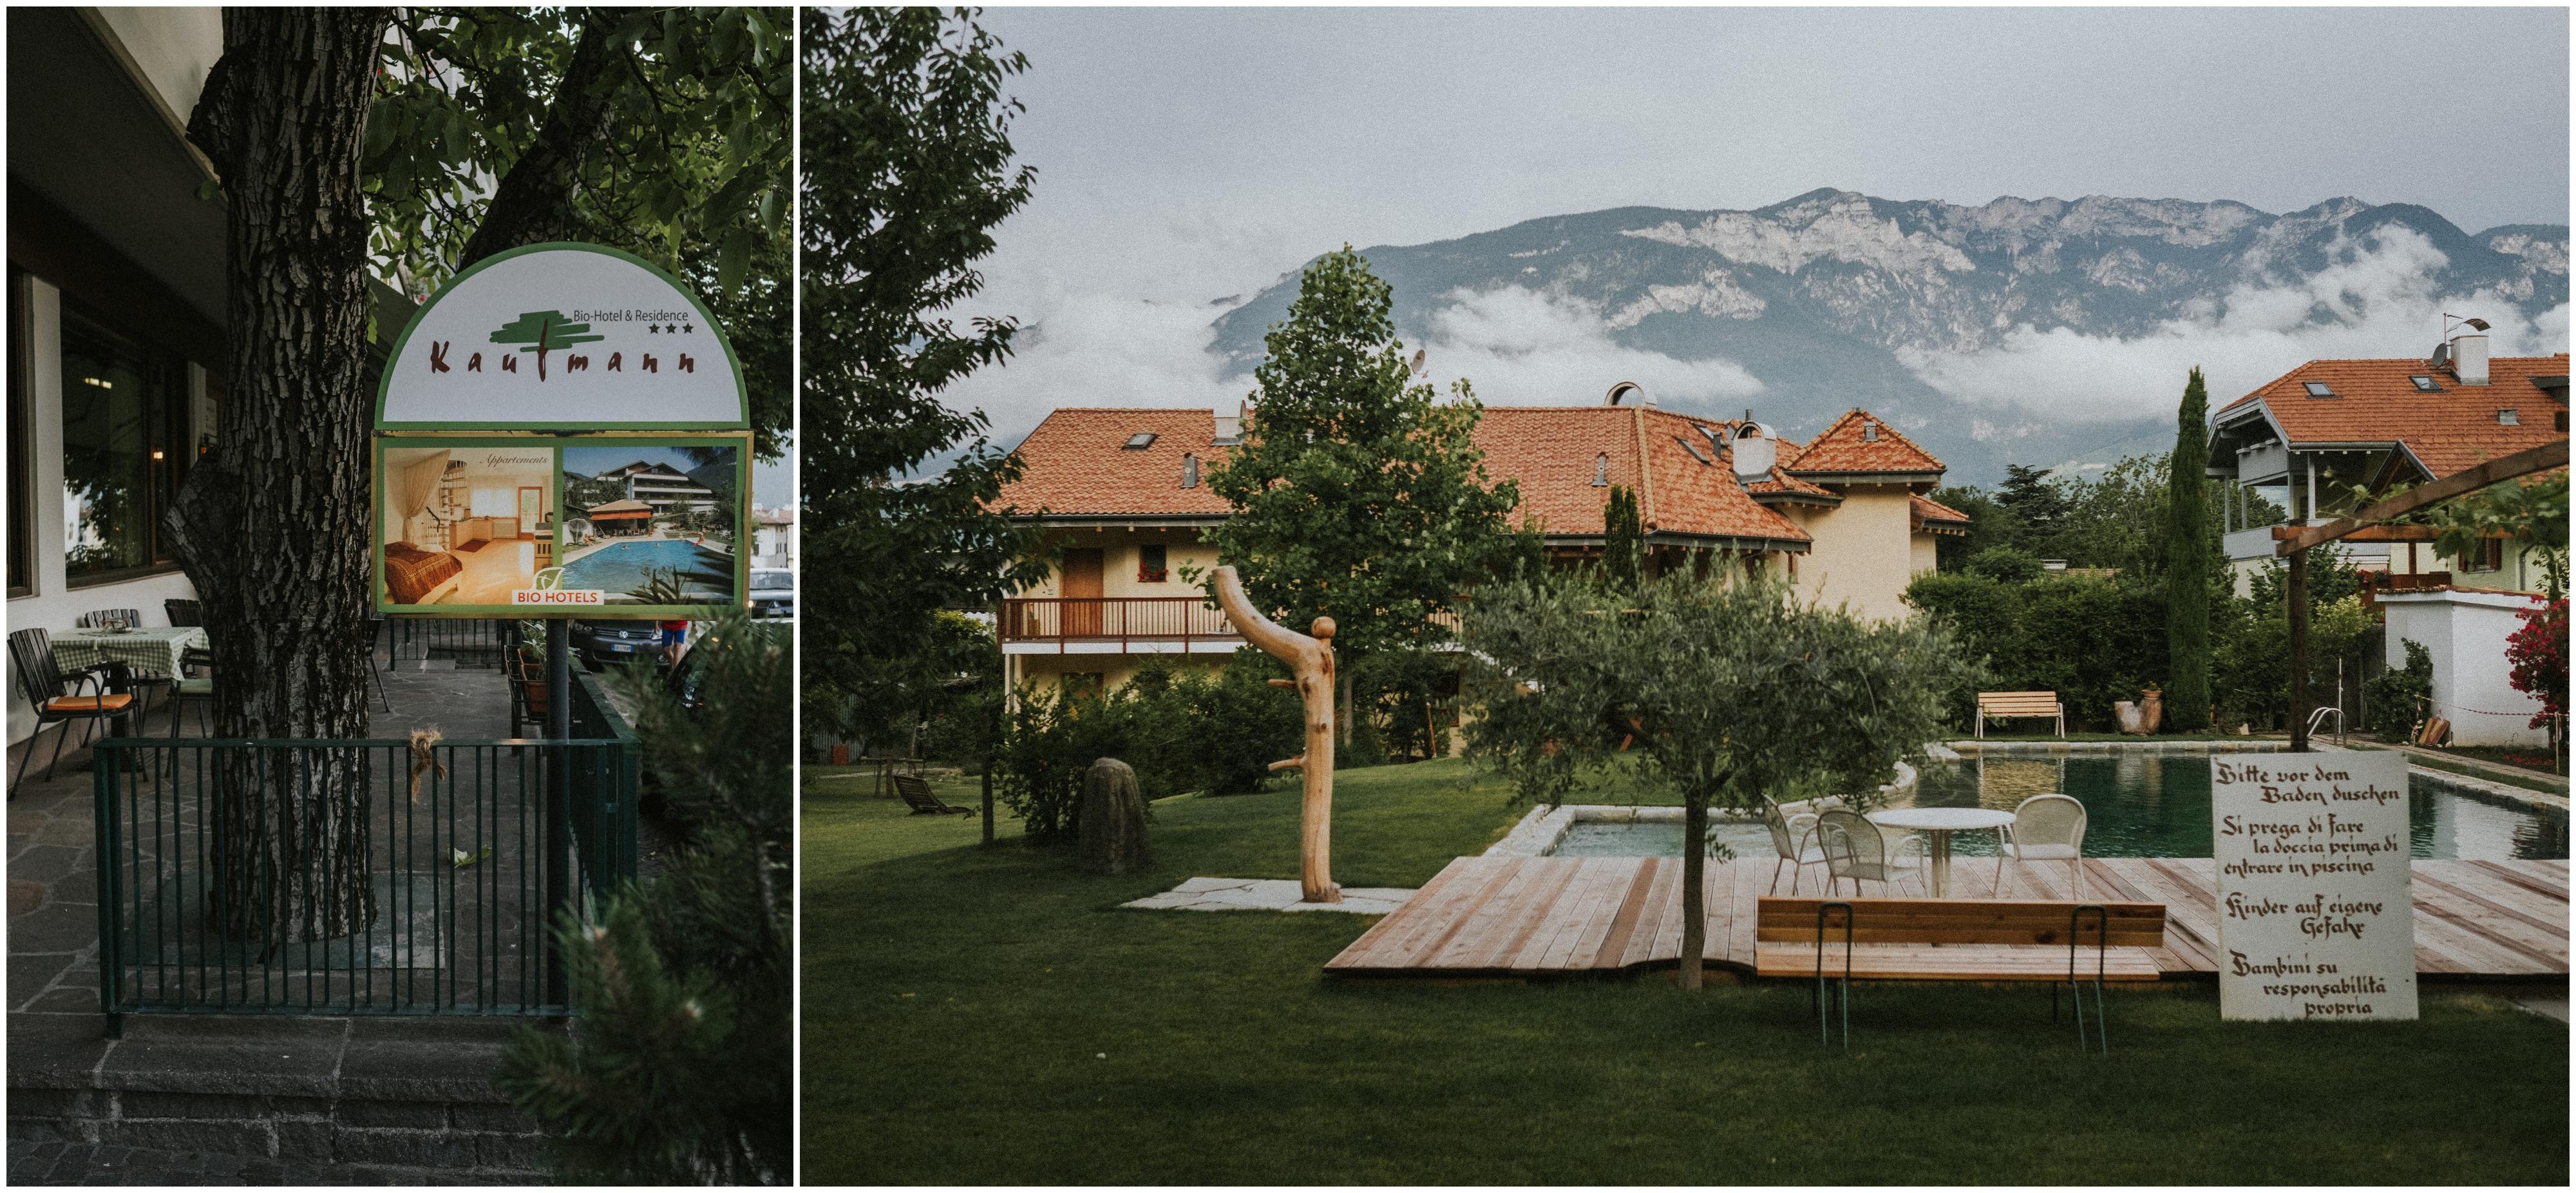 Das Biohotel Kaufmann in Auer / Südtirol